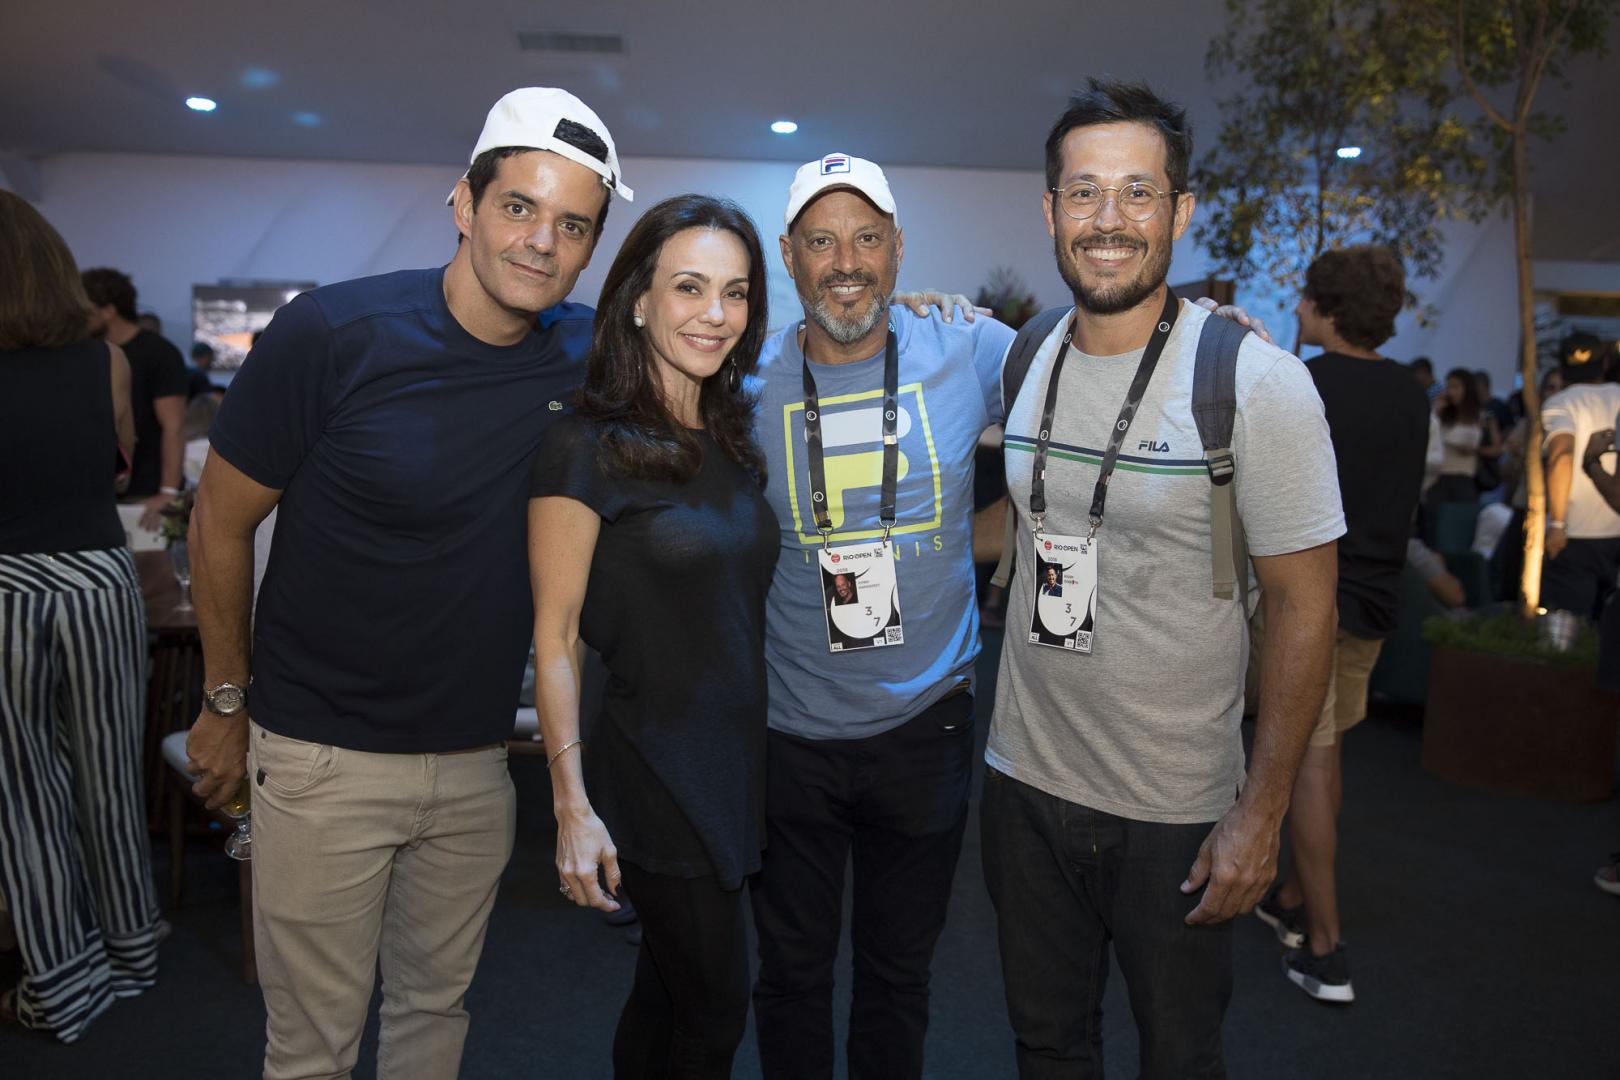 Coquetel da Rolex agita o Corcovado Club no Rio Open